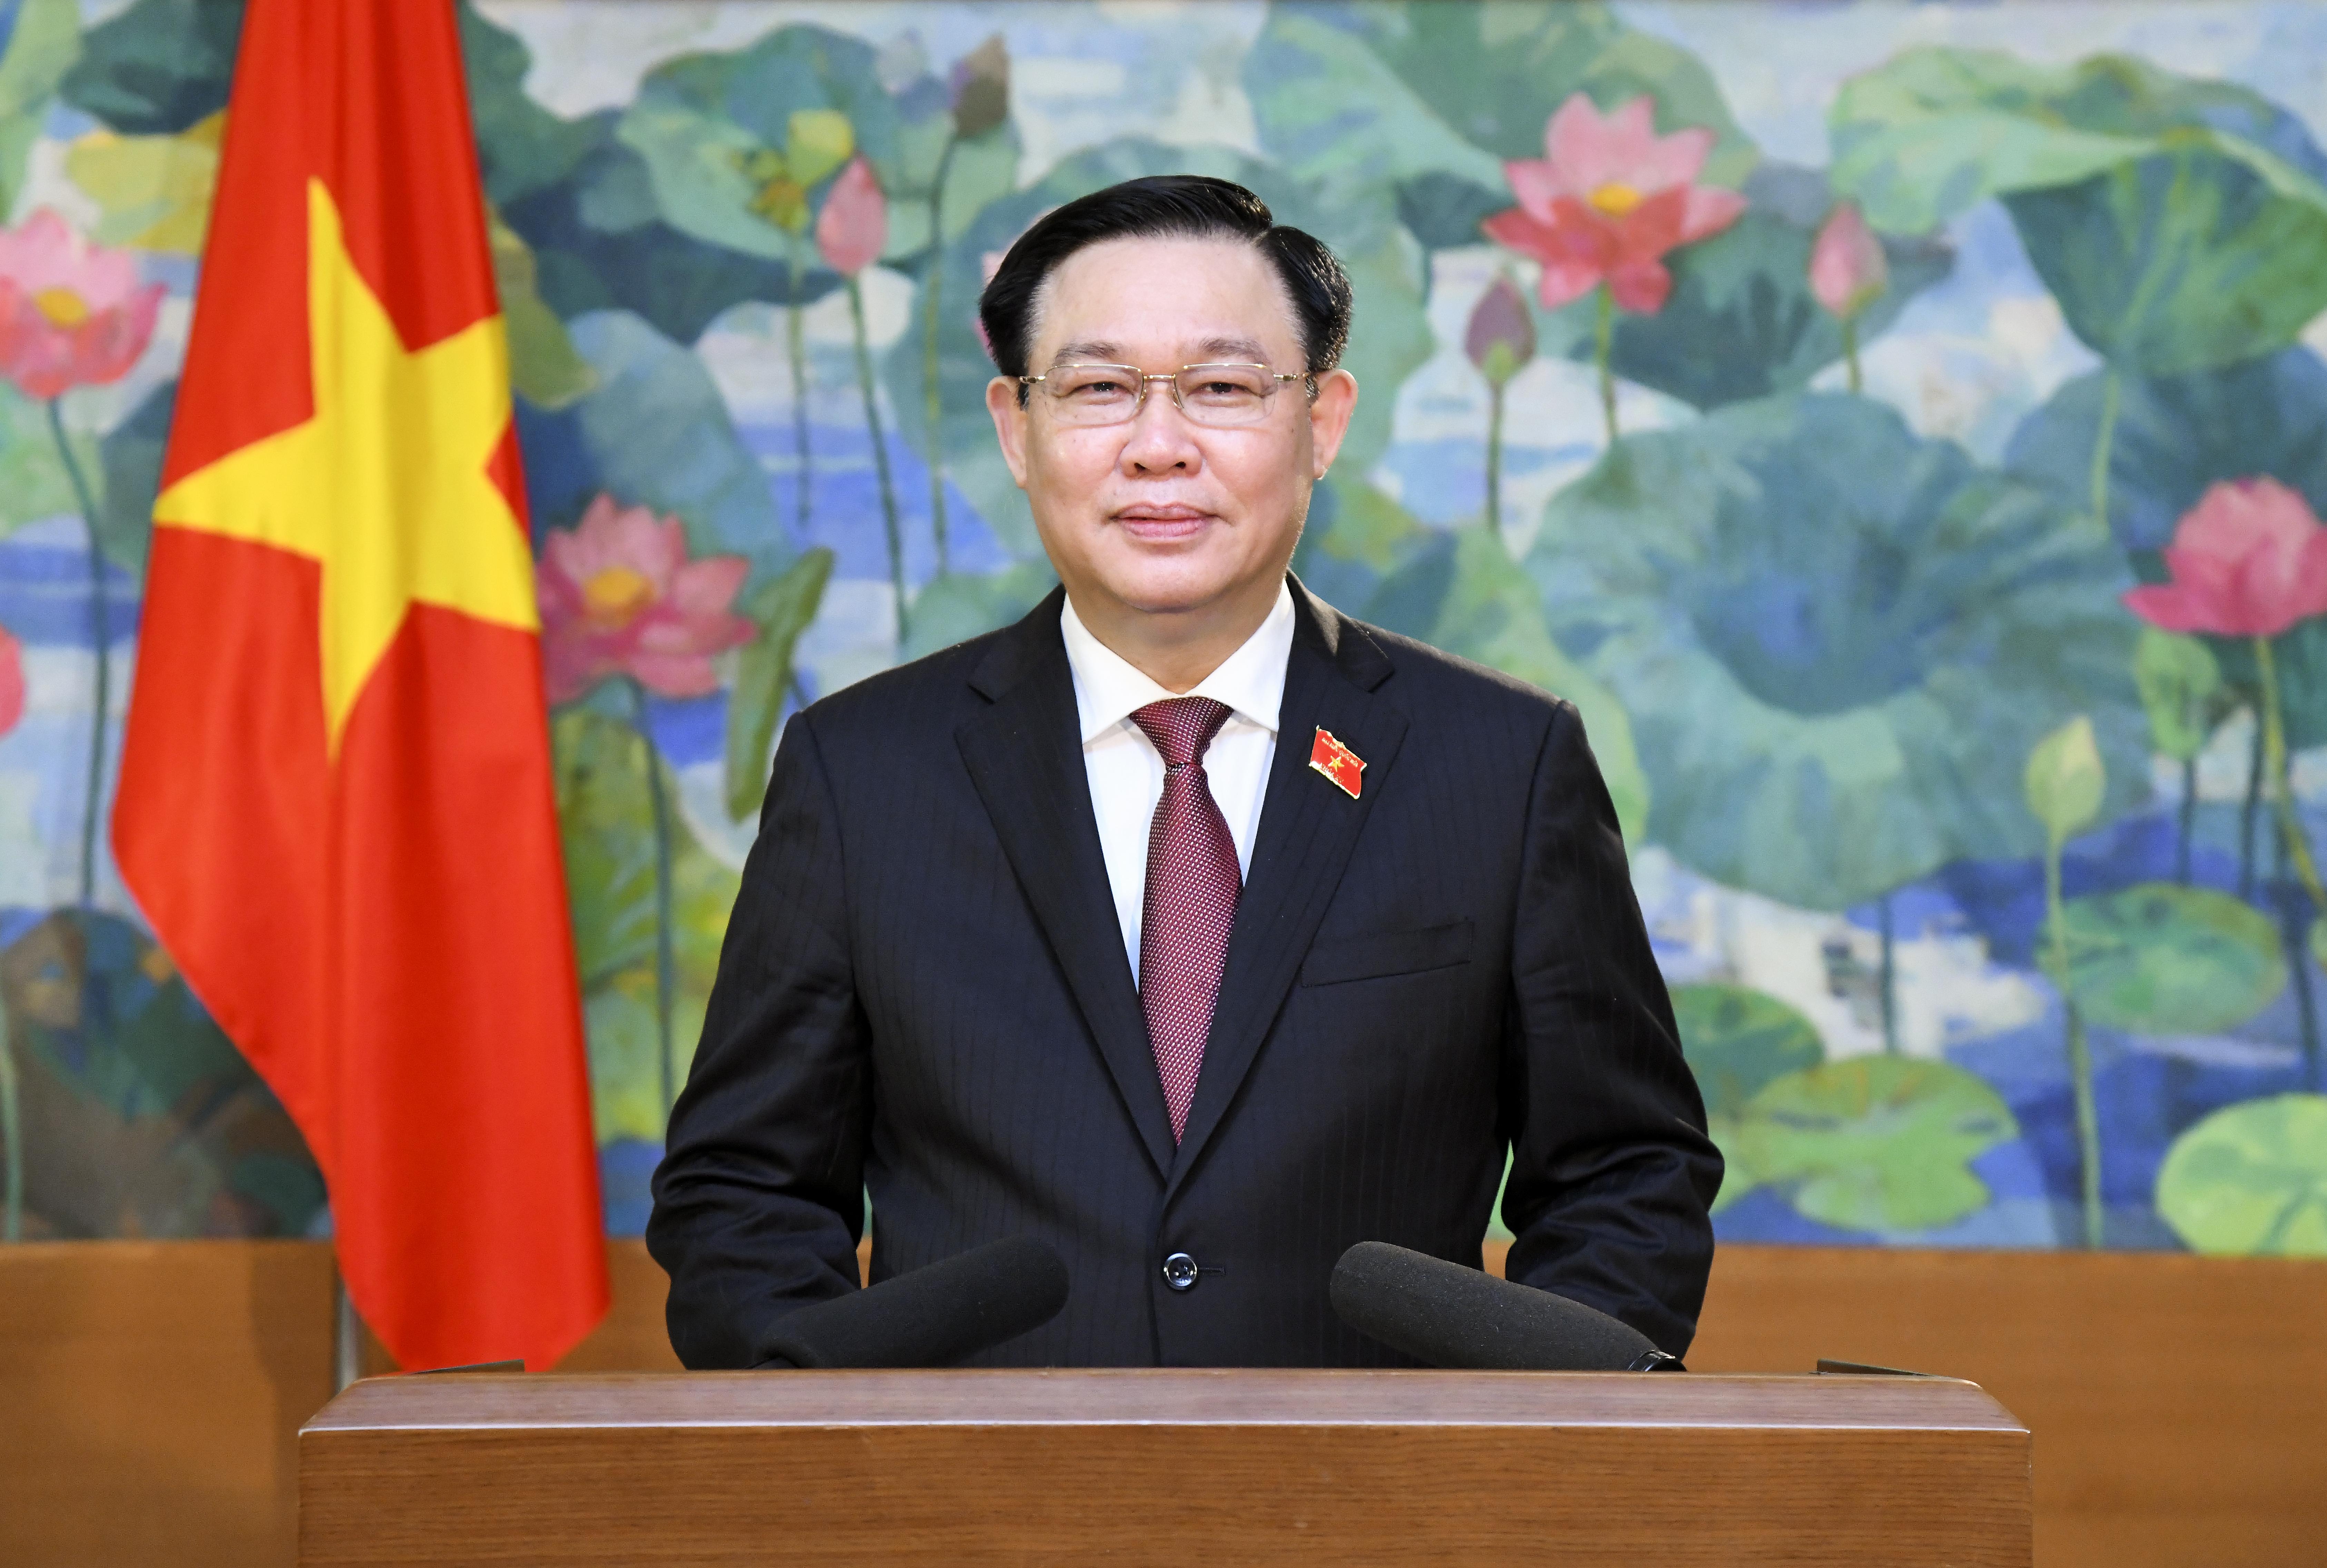 Chủ tịch Quốc hội gửi thông điệp gửi tới hội nghị. Ảnh: Quochoi.vn.